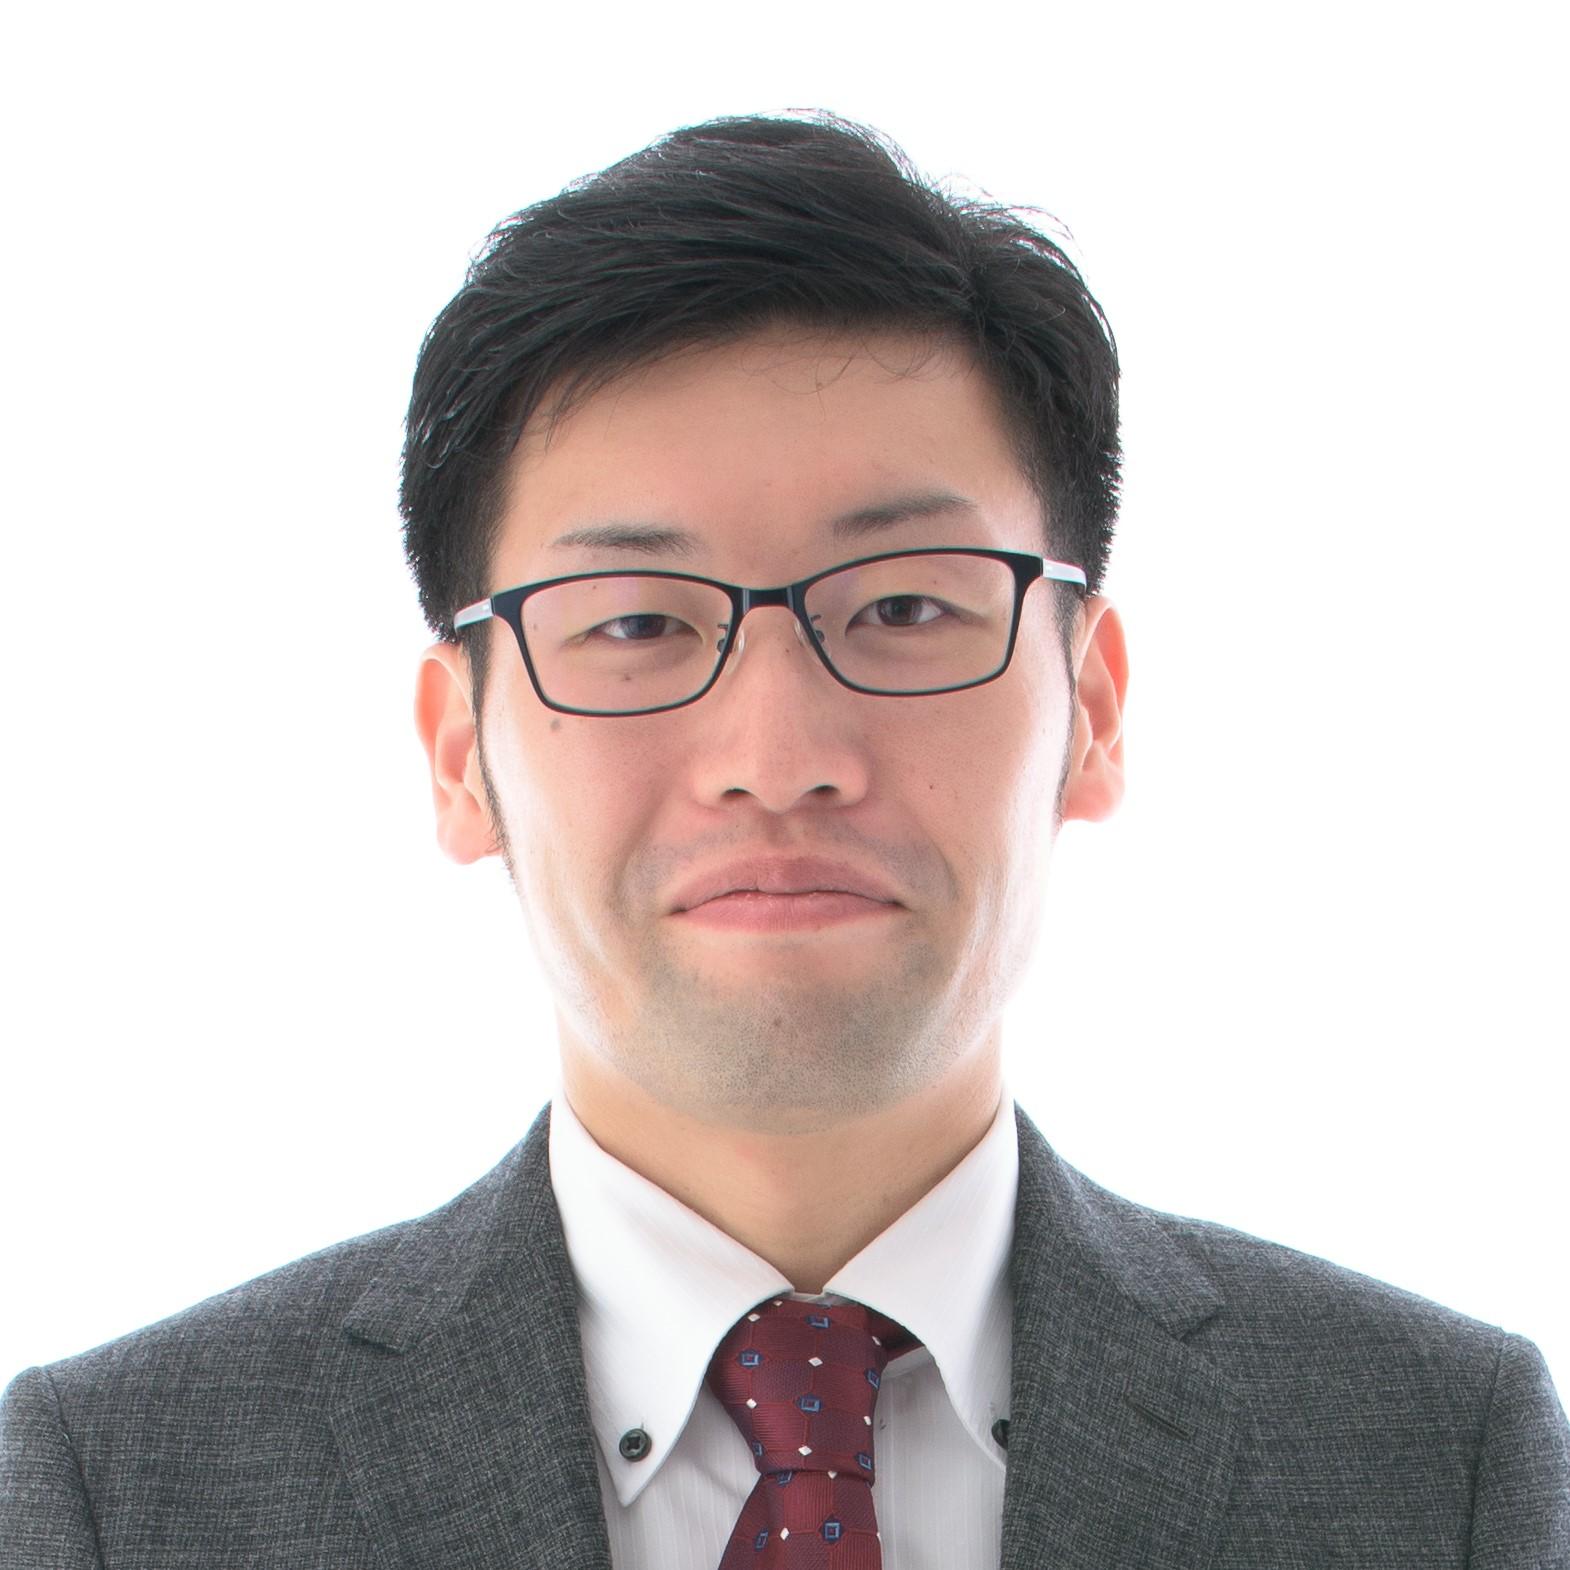 名古屋総合法律事務所 弁護士 大野 貴央